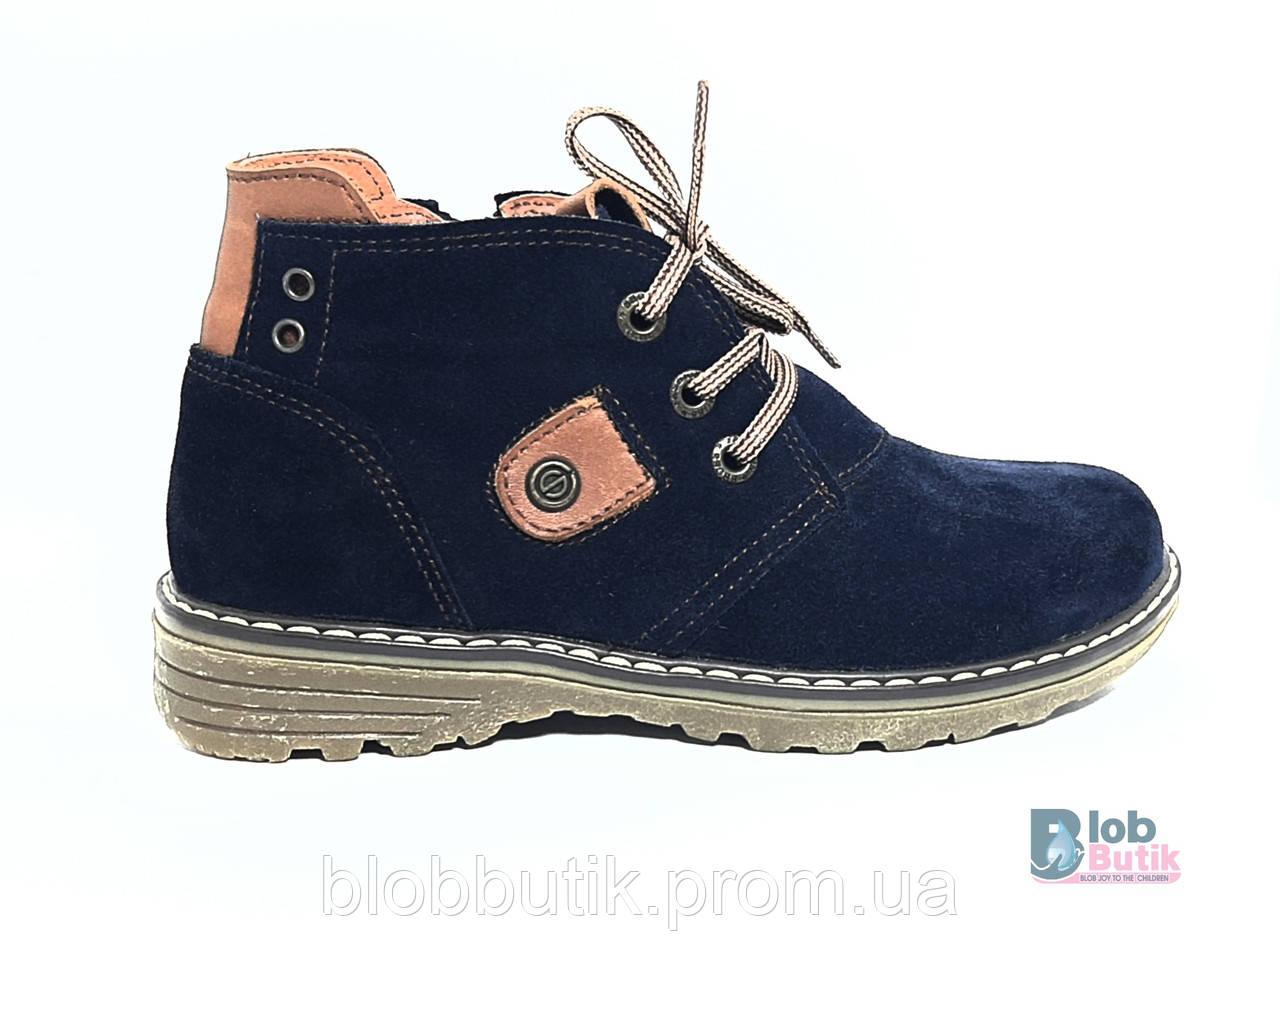 Зимние детские ботинки кожаные Constanta.